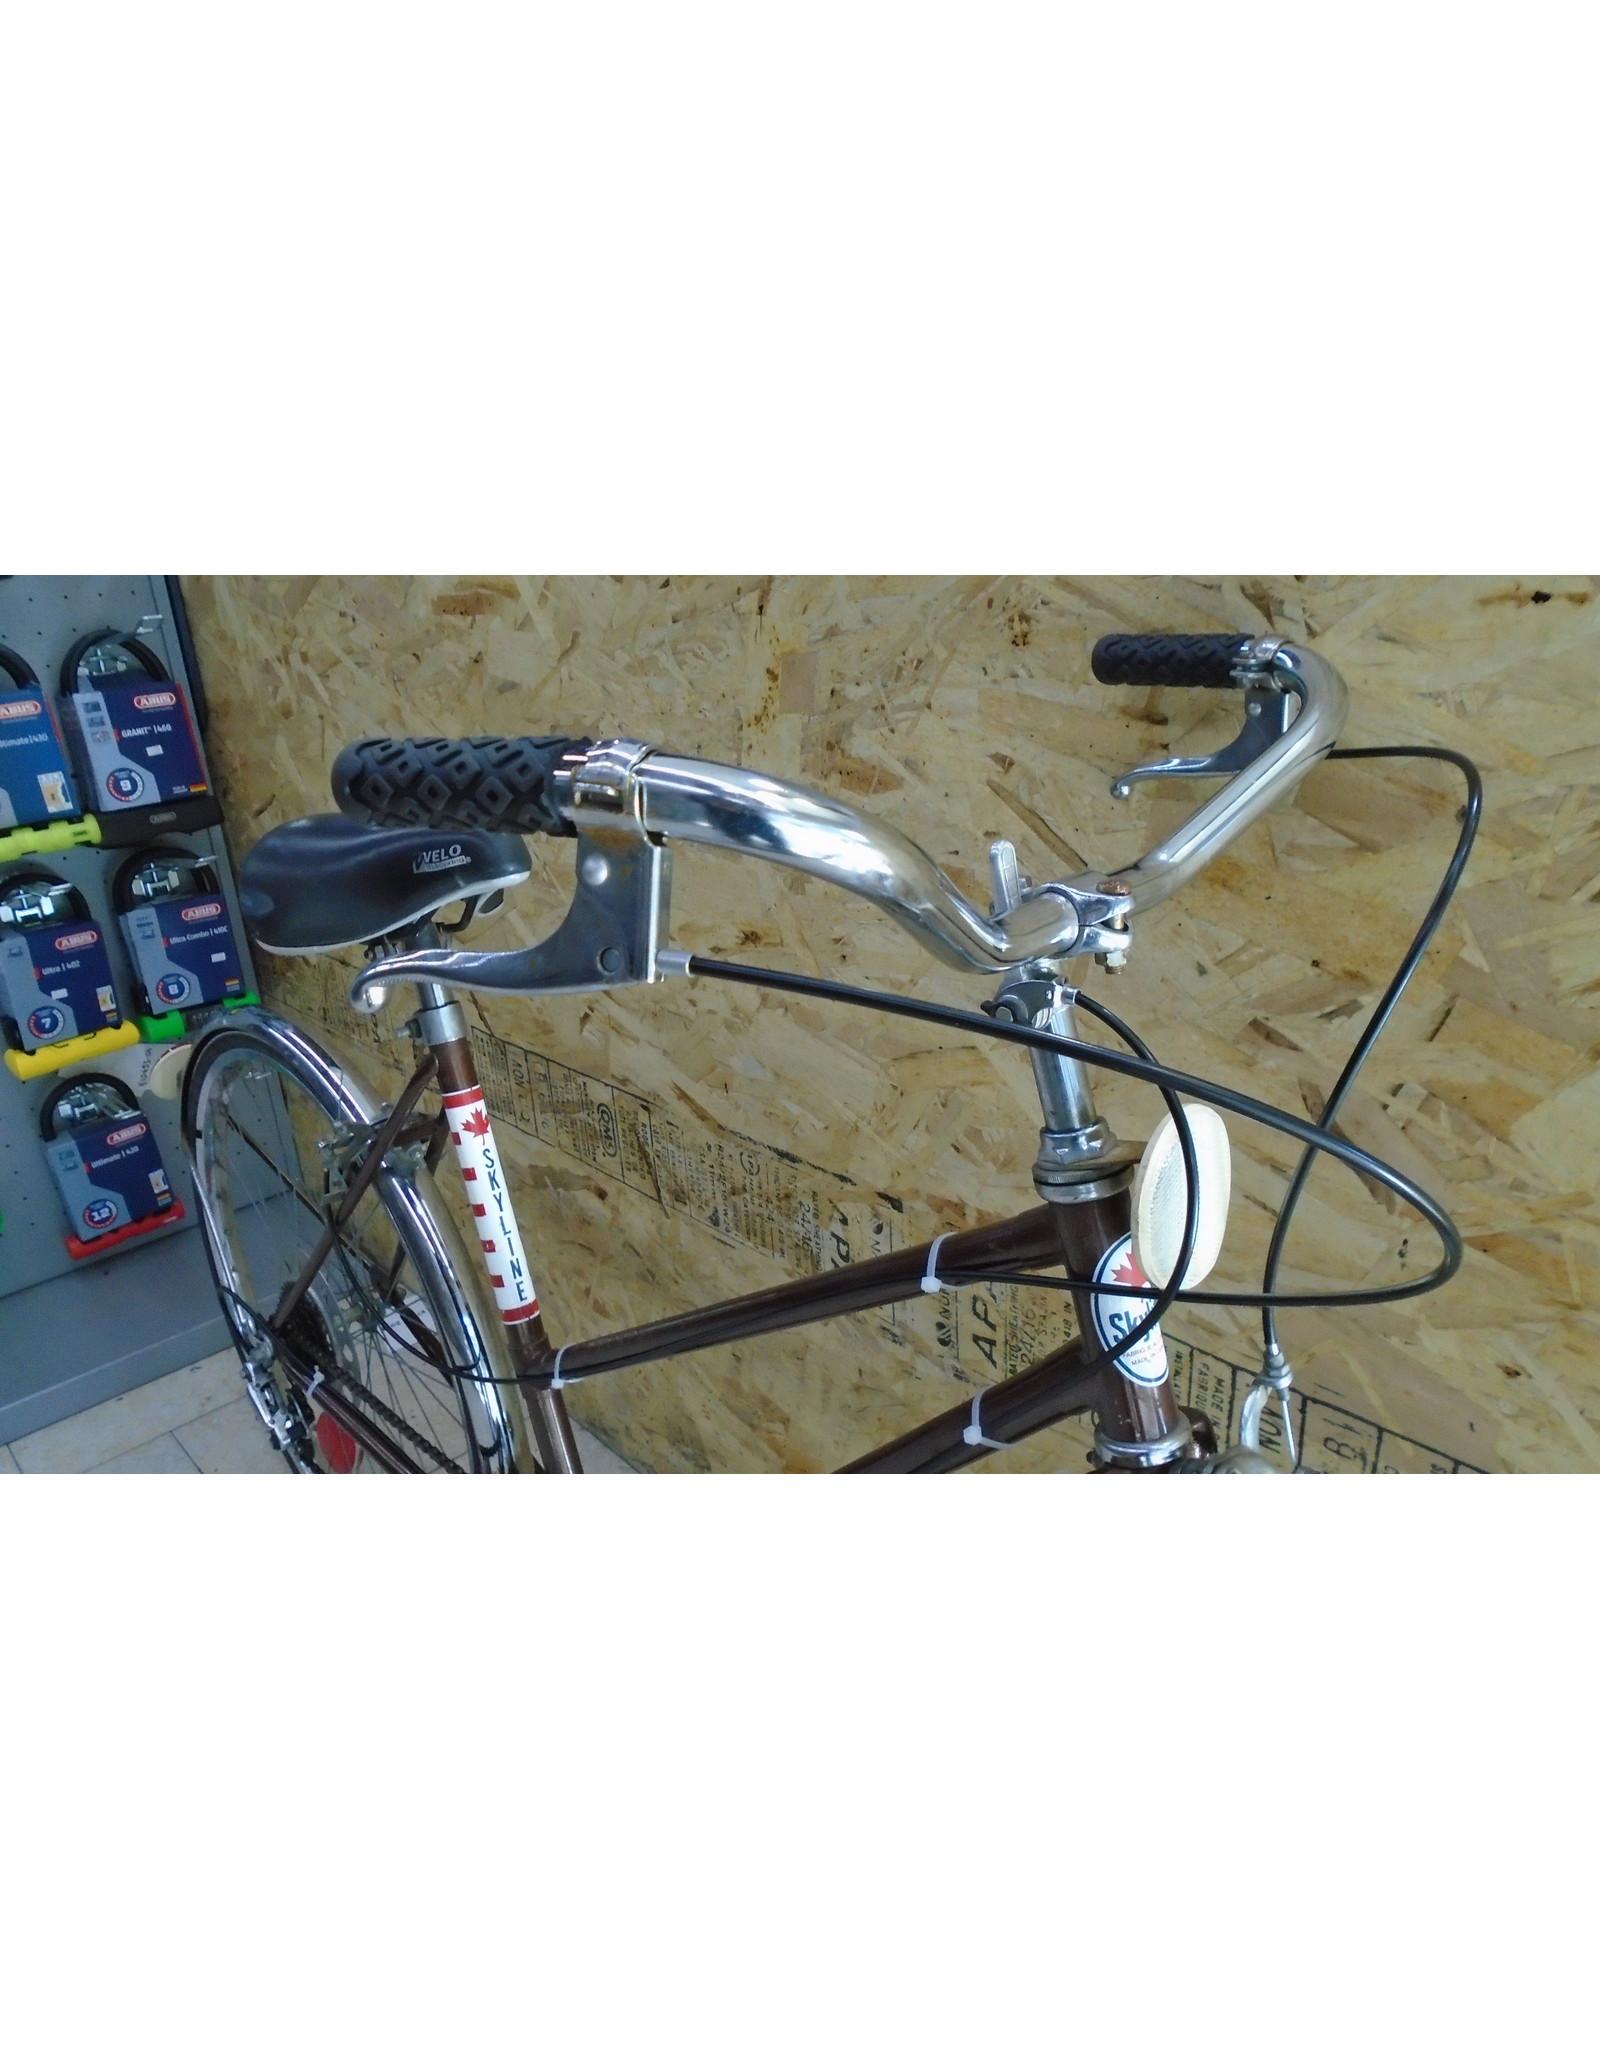 """Used Skyline 19 """"city bike - 10210"""